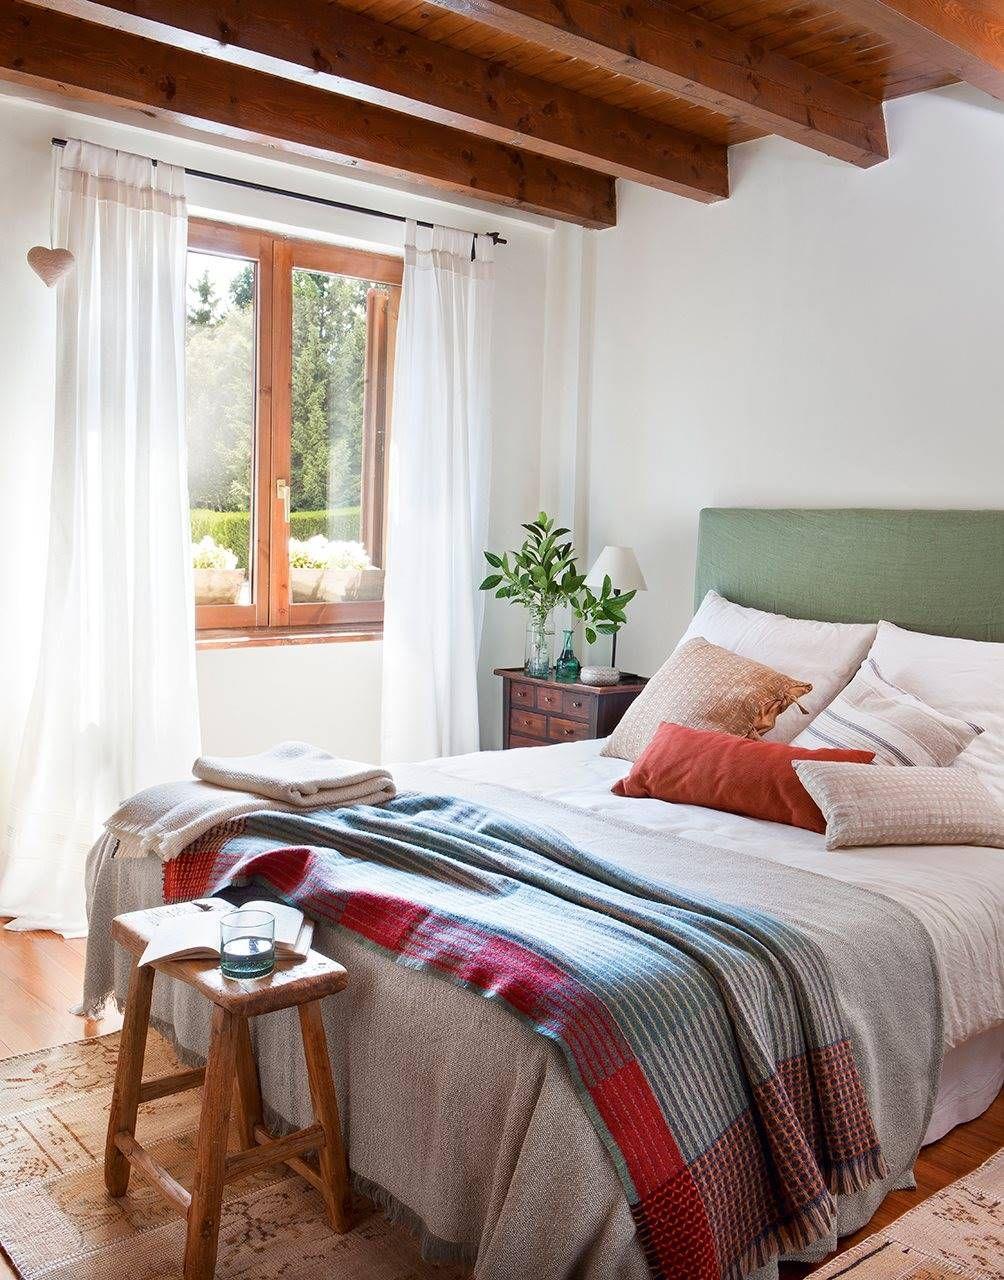 Dormitorio Matrimonio Rustico Blanco : A modo de terapia en 2019 home decoracion de dormitorio